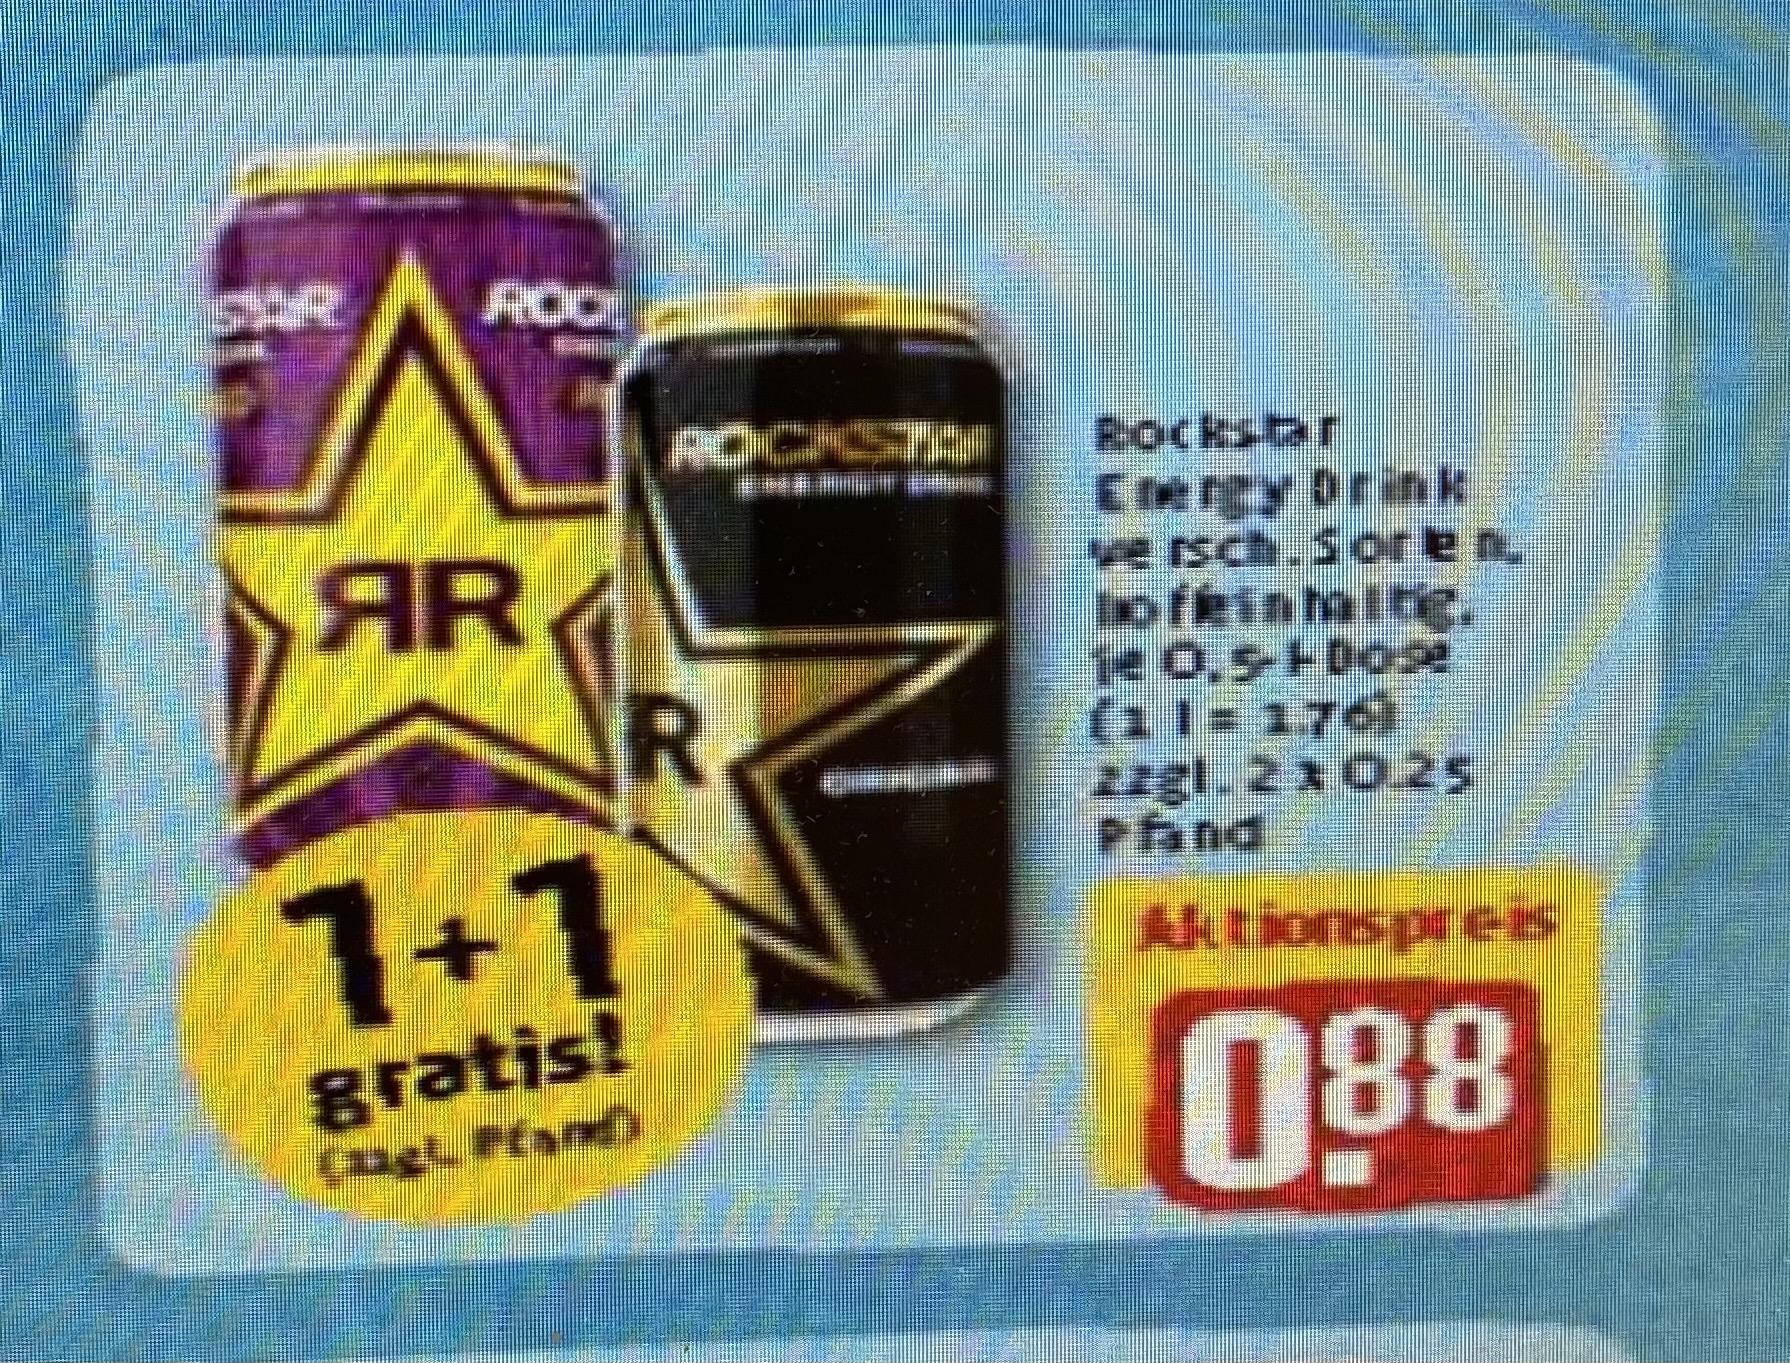 KW 20 (17.5-22.5) REWE *Bundesweit 2 Dosen Rockstar Energy ver. Sorten 0,5l zum Preis von 0,88€ zzgl. 0,50€ Pfand